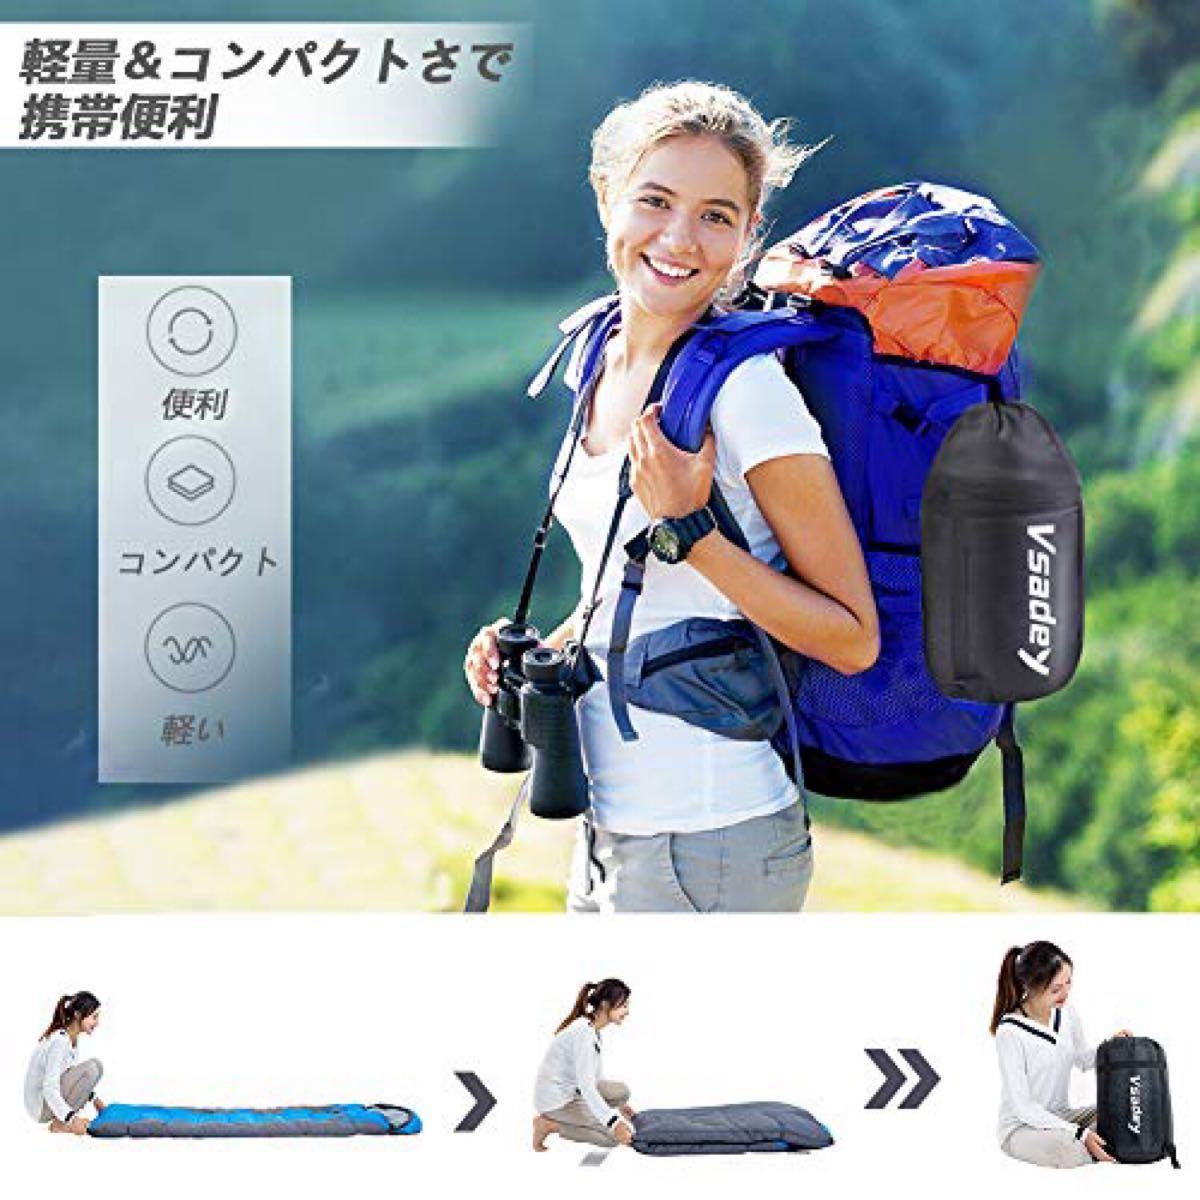 寝袋 封筒型 シュラフ 軽量 丸洗いコンパクト 携帯便利 収納袋付き